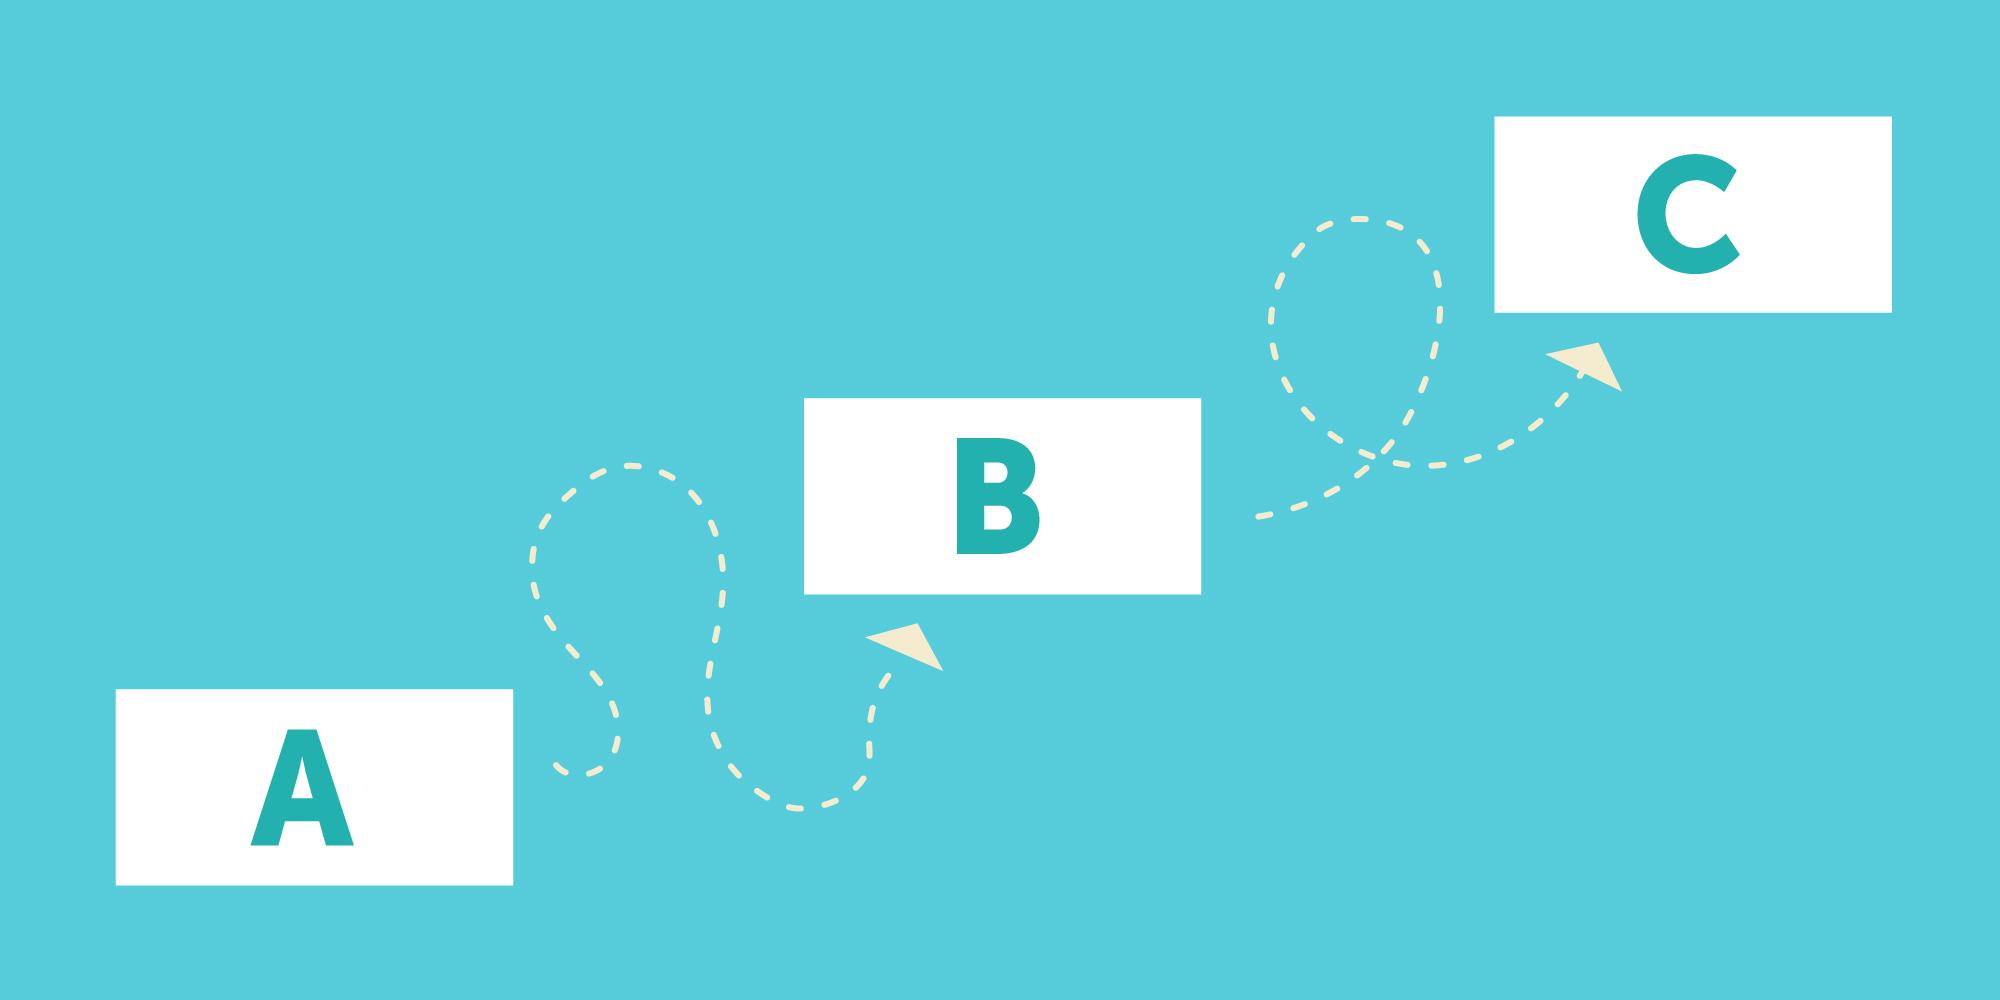 The a dozen eggs branding process - The A to C